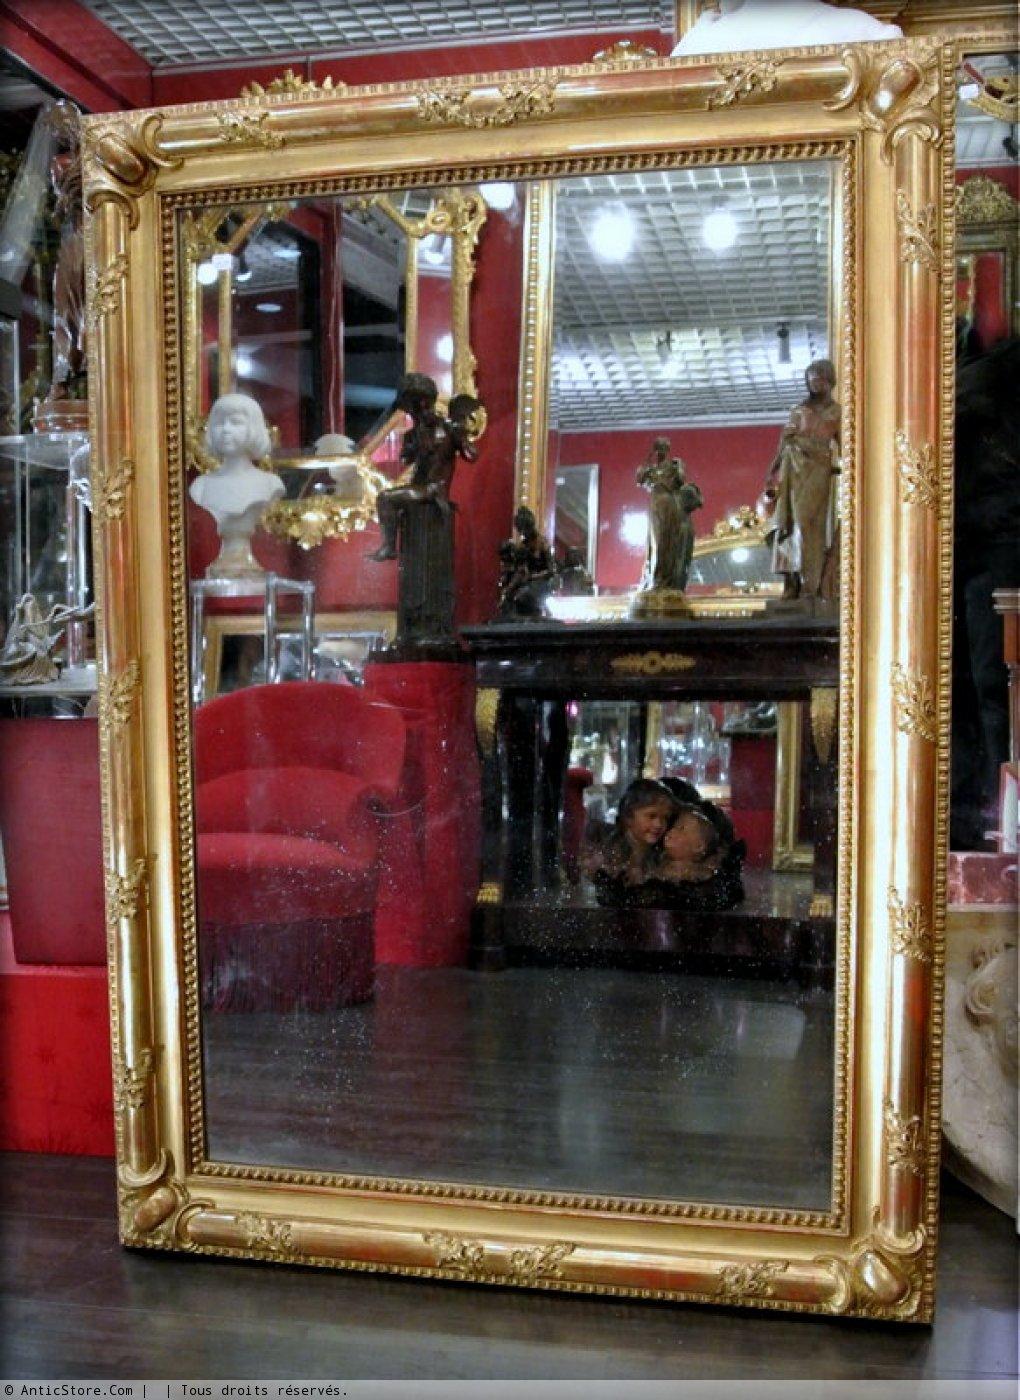 Miroir restauration dor la feuille d 39 or xixe si cle for Miroir xix siecle